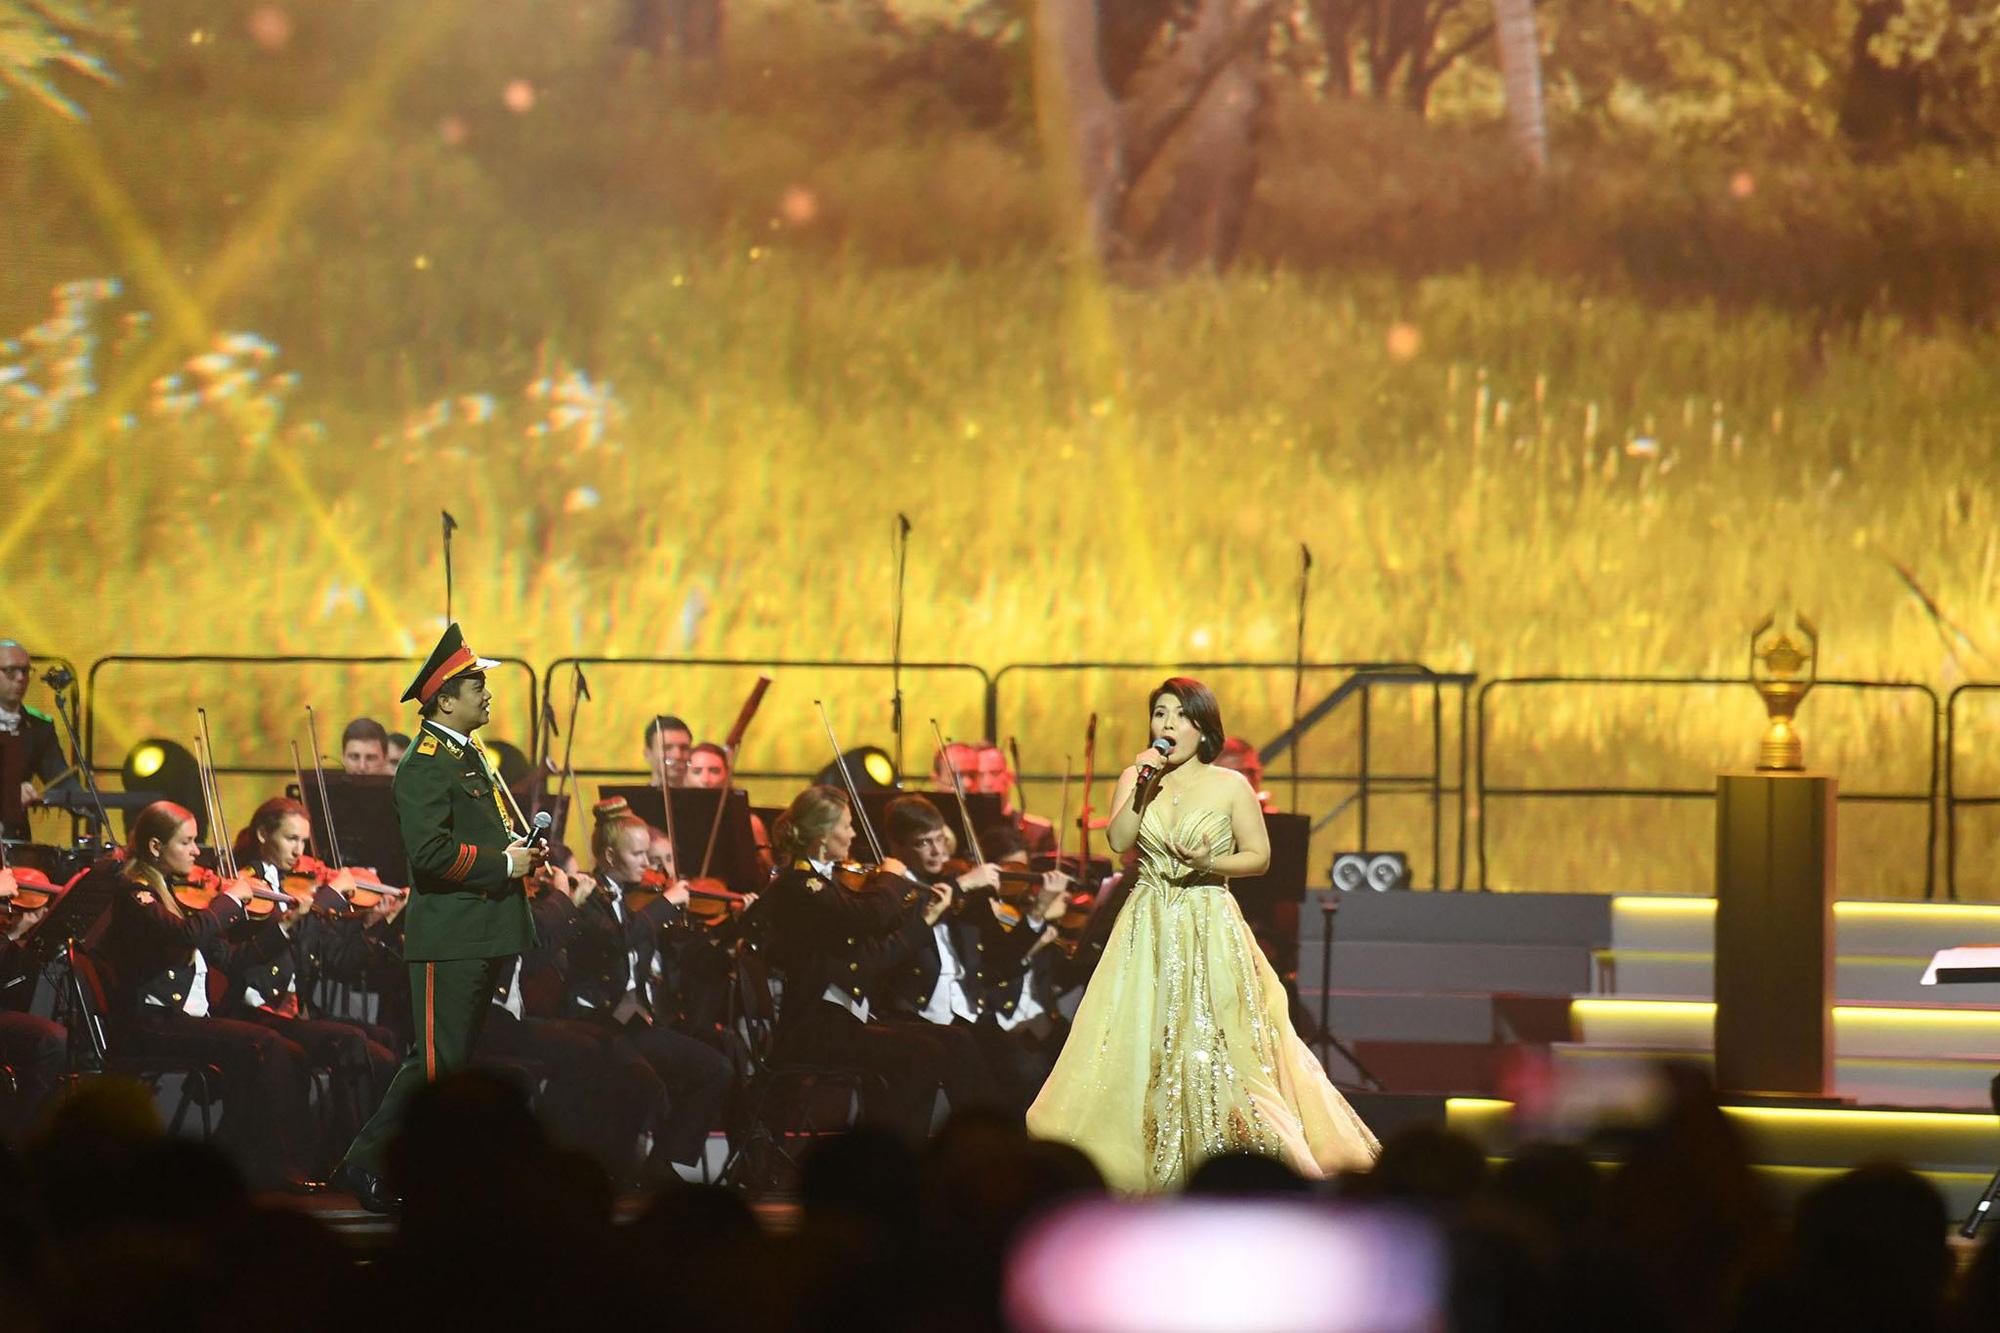 Những hình ảnh ấn tượng, pháo hoa rực rỡ tại lễ bế mạc Army Games 2020 - Ảnh 7.